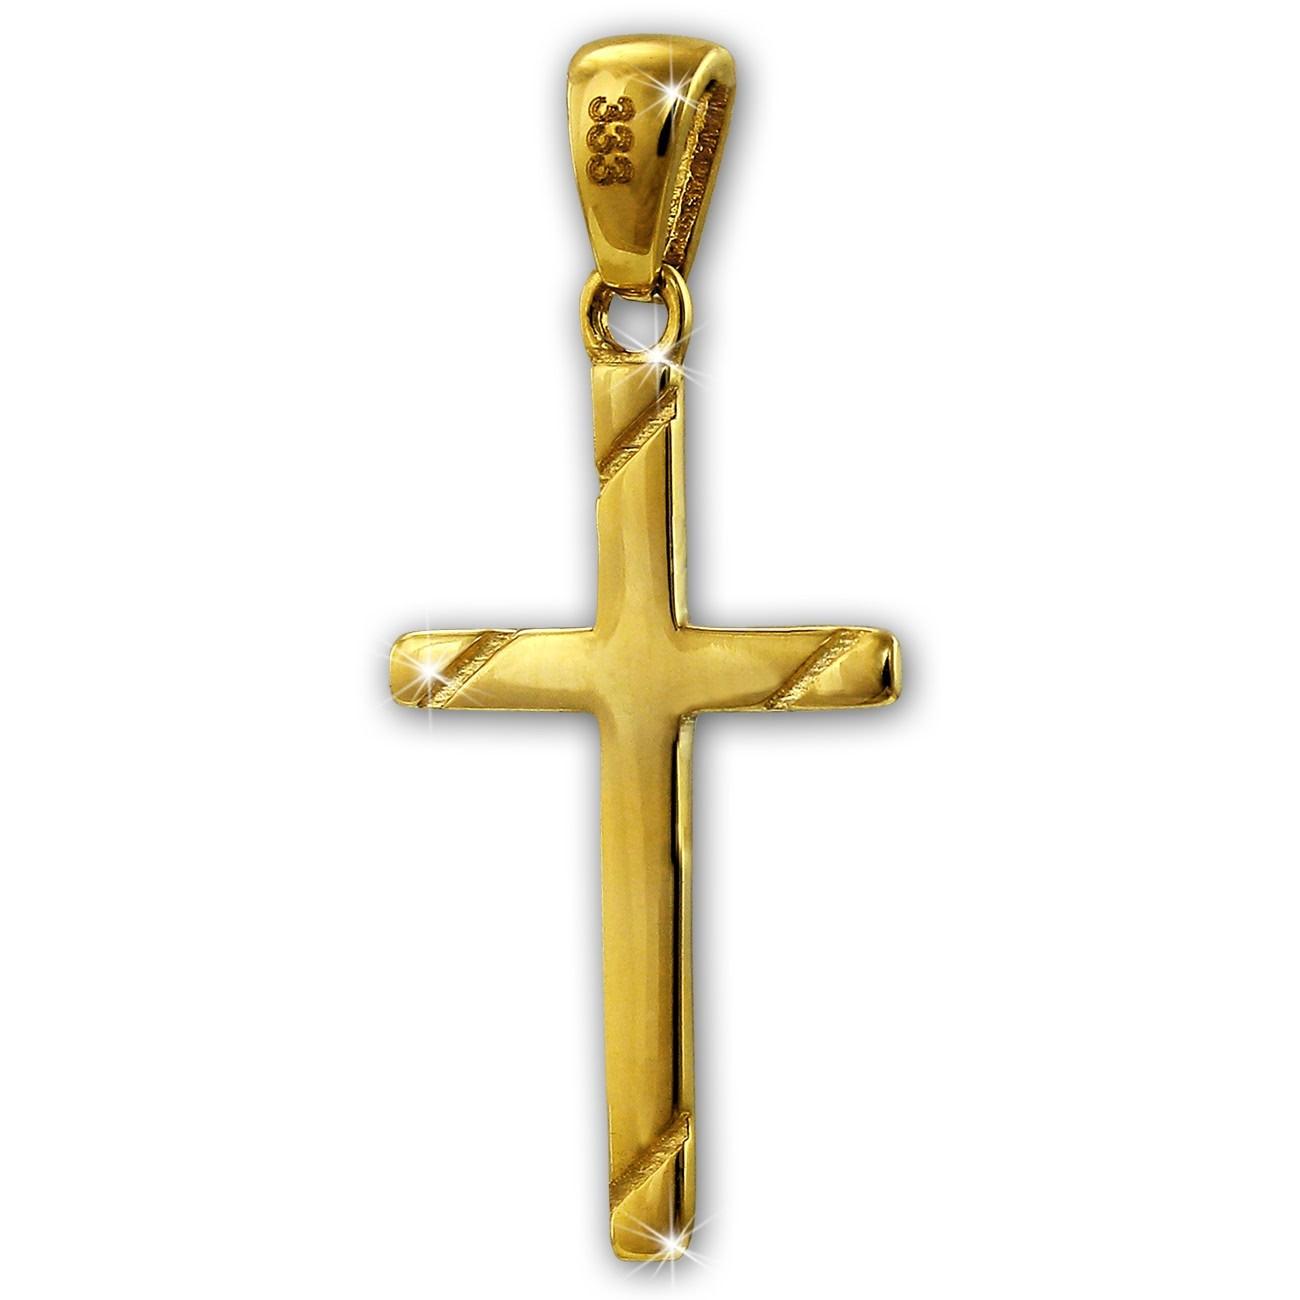 SilberDream Kettenanhänger Kreuz 333er Gelbgold Anhänger Echtschmuck GDH503Y